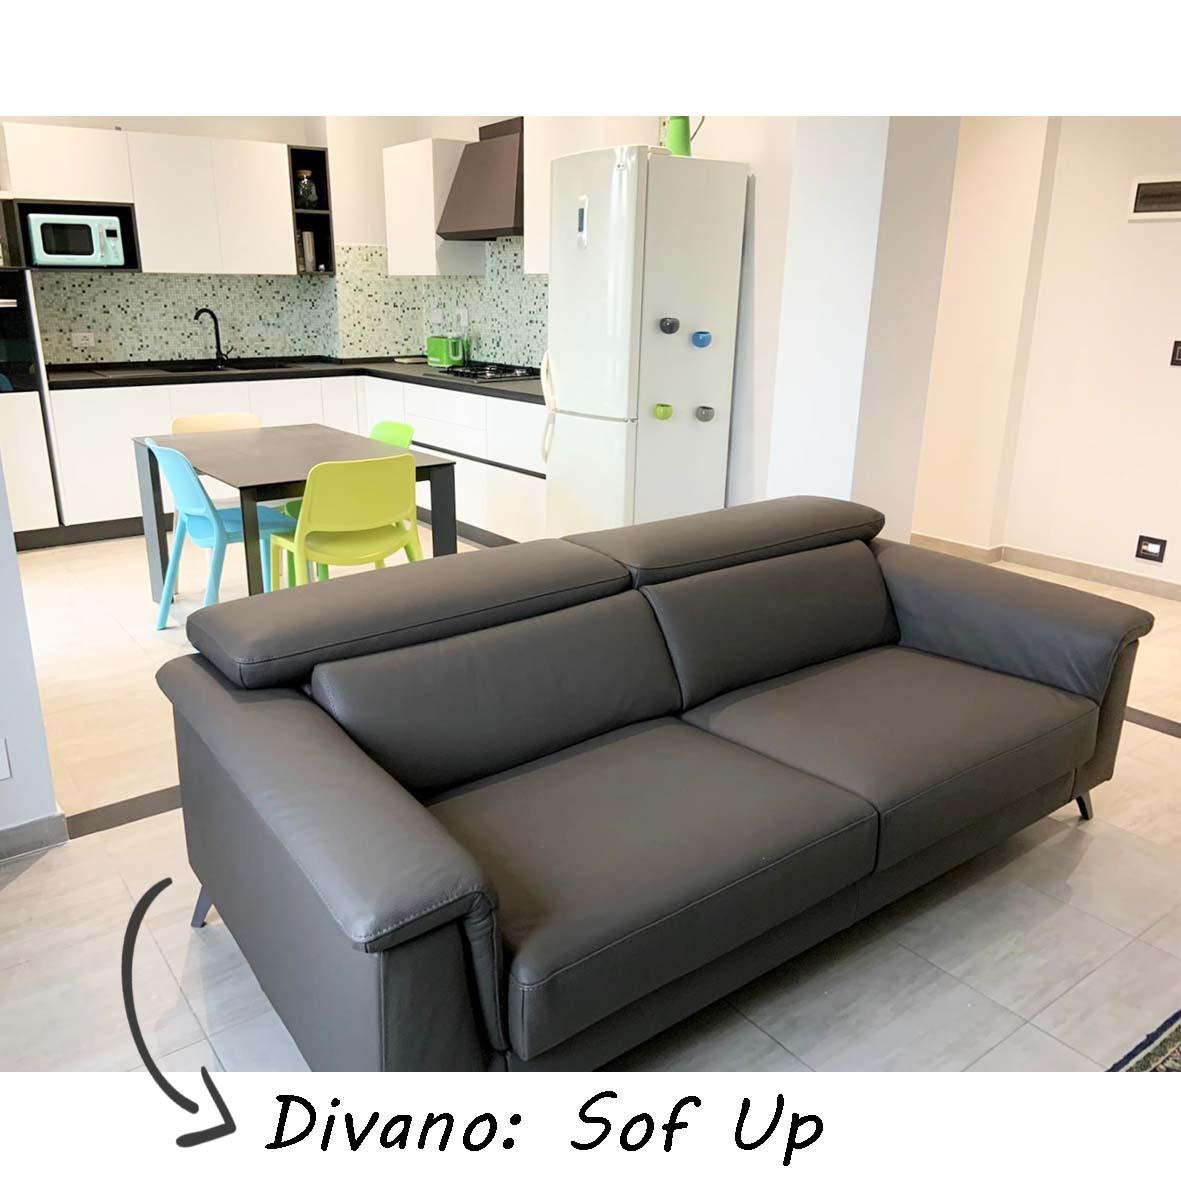 realizzazione-centro dell'arredamento-savona-divano-sofup-arredo3-cucina